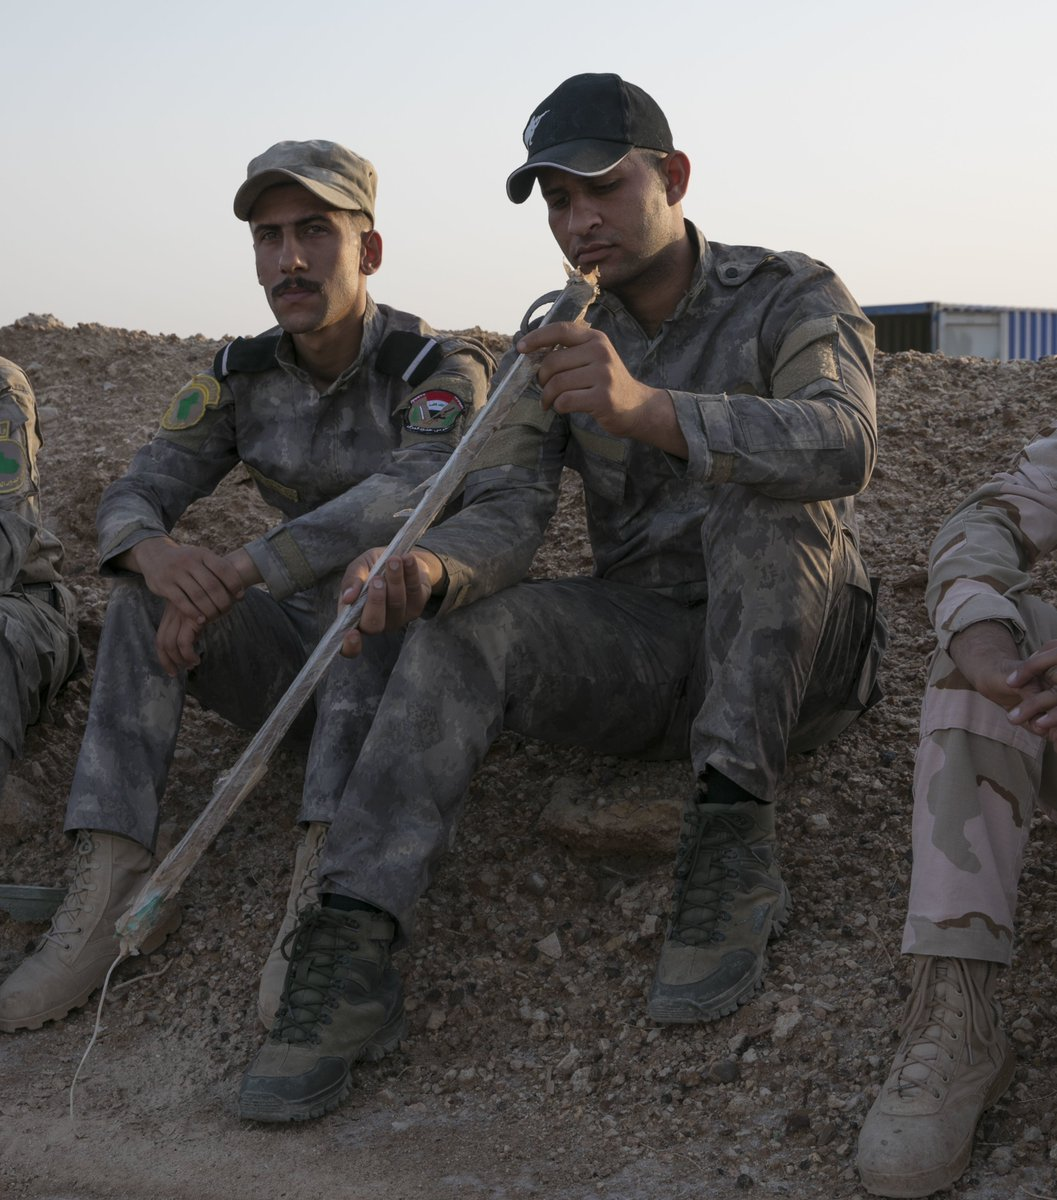 جهود التحالف الدولي لتدريب وتاهيل وحدات الجيش العراقي .......متجدد - صفحة 2 DgI0nGlUEAANlpT